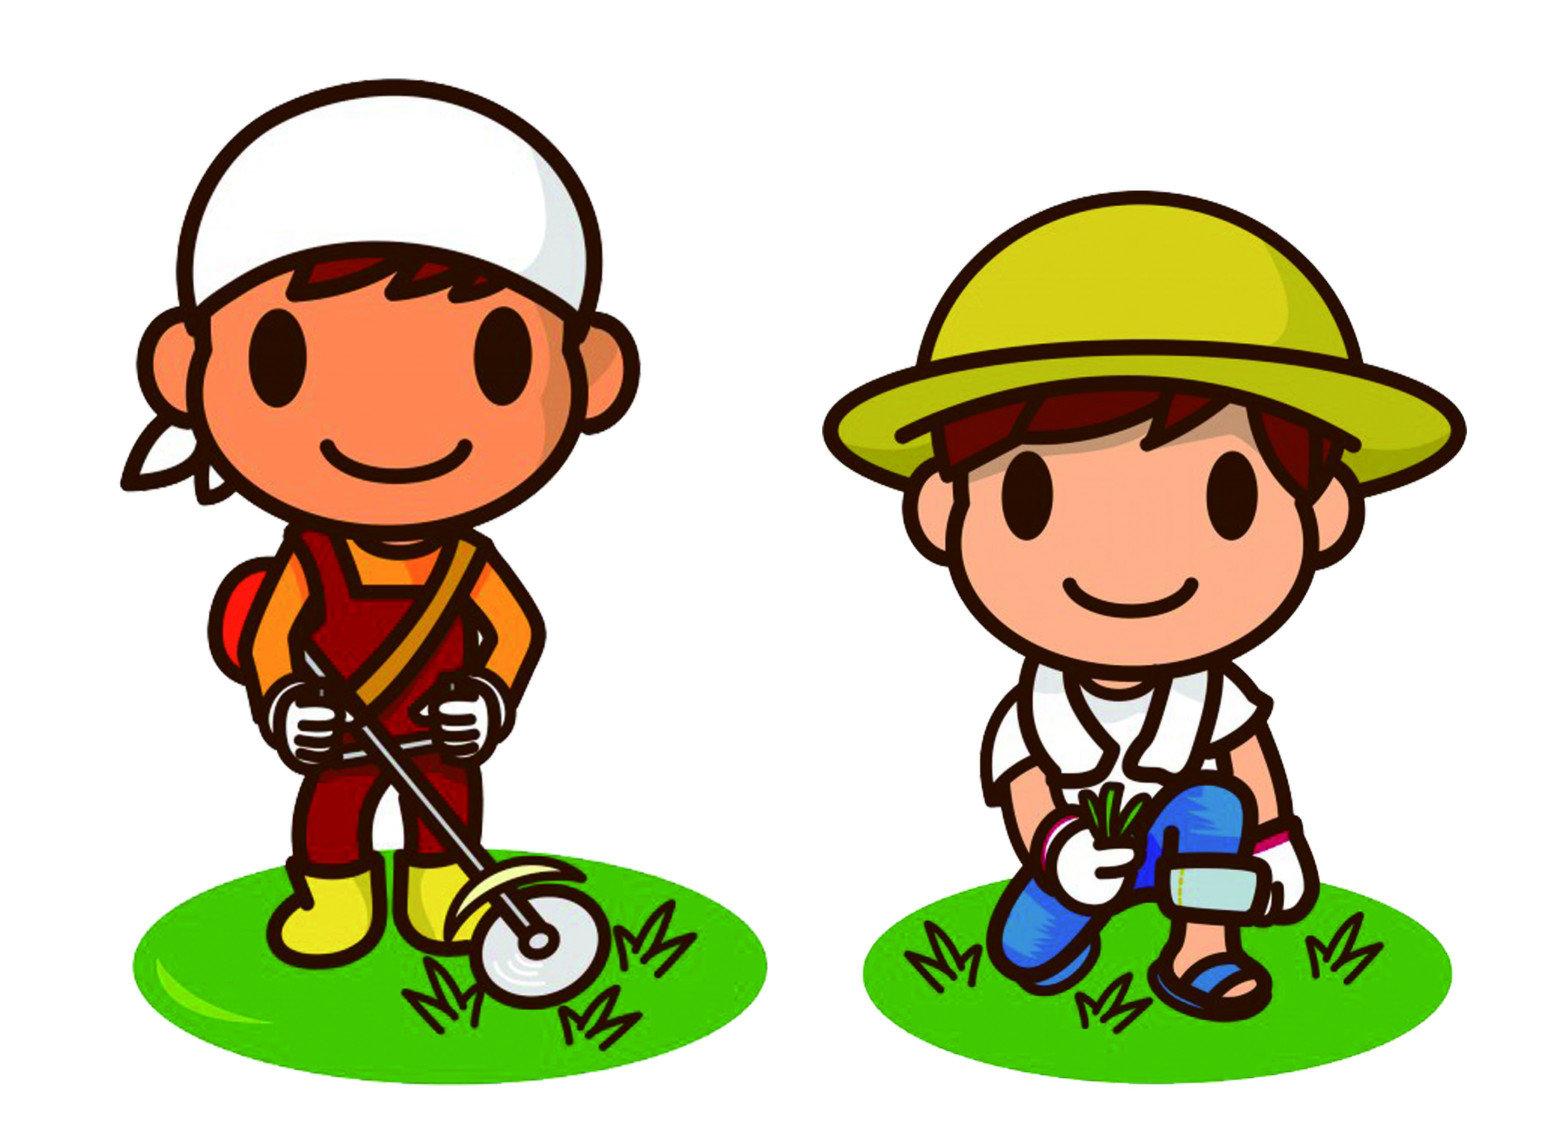 防止琉璃蟻孳生並不困難!防治疣胸琉璃蟻的方式有很多,但針對「事前預防」與「當下處置」其實只要做到幾件事情,防治工作並無困難。避免枯枝落葉:無論哪一種琉璃蟻,是否有與人類一同生活的習性,當牠們在野外時都會躲藏在枯枝落葉下,因此將房屋四周整理乾淨,保持整潔勢必可以有效減少螞蟻靠近,進而進入屋中。